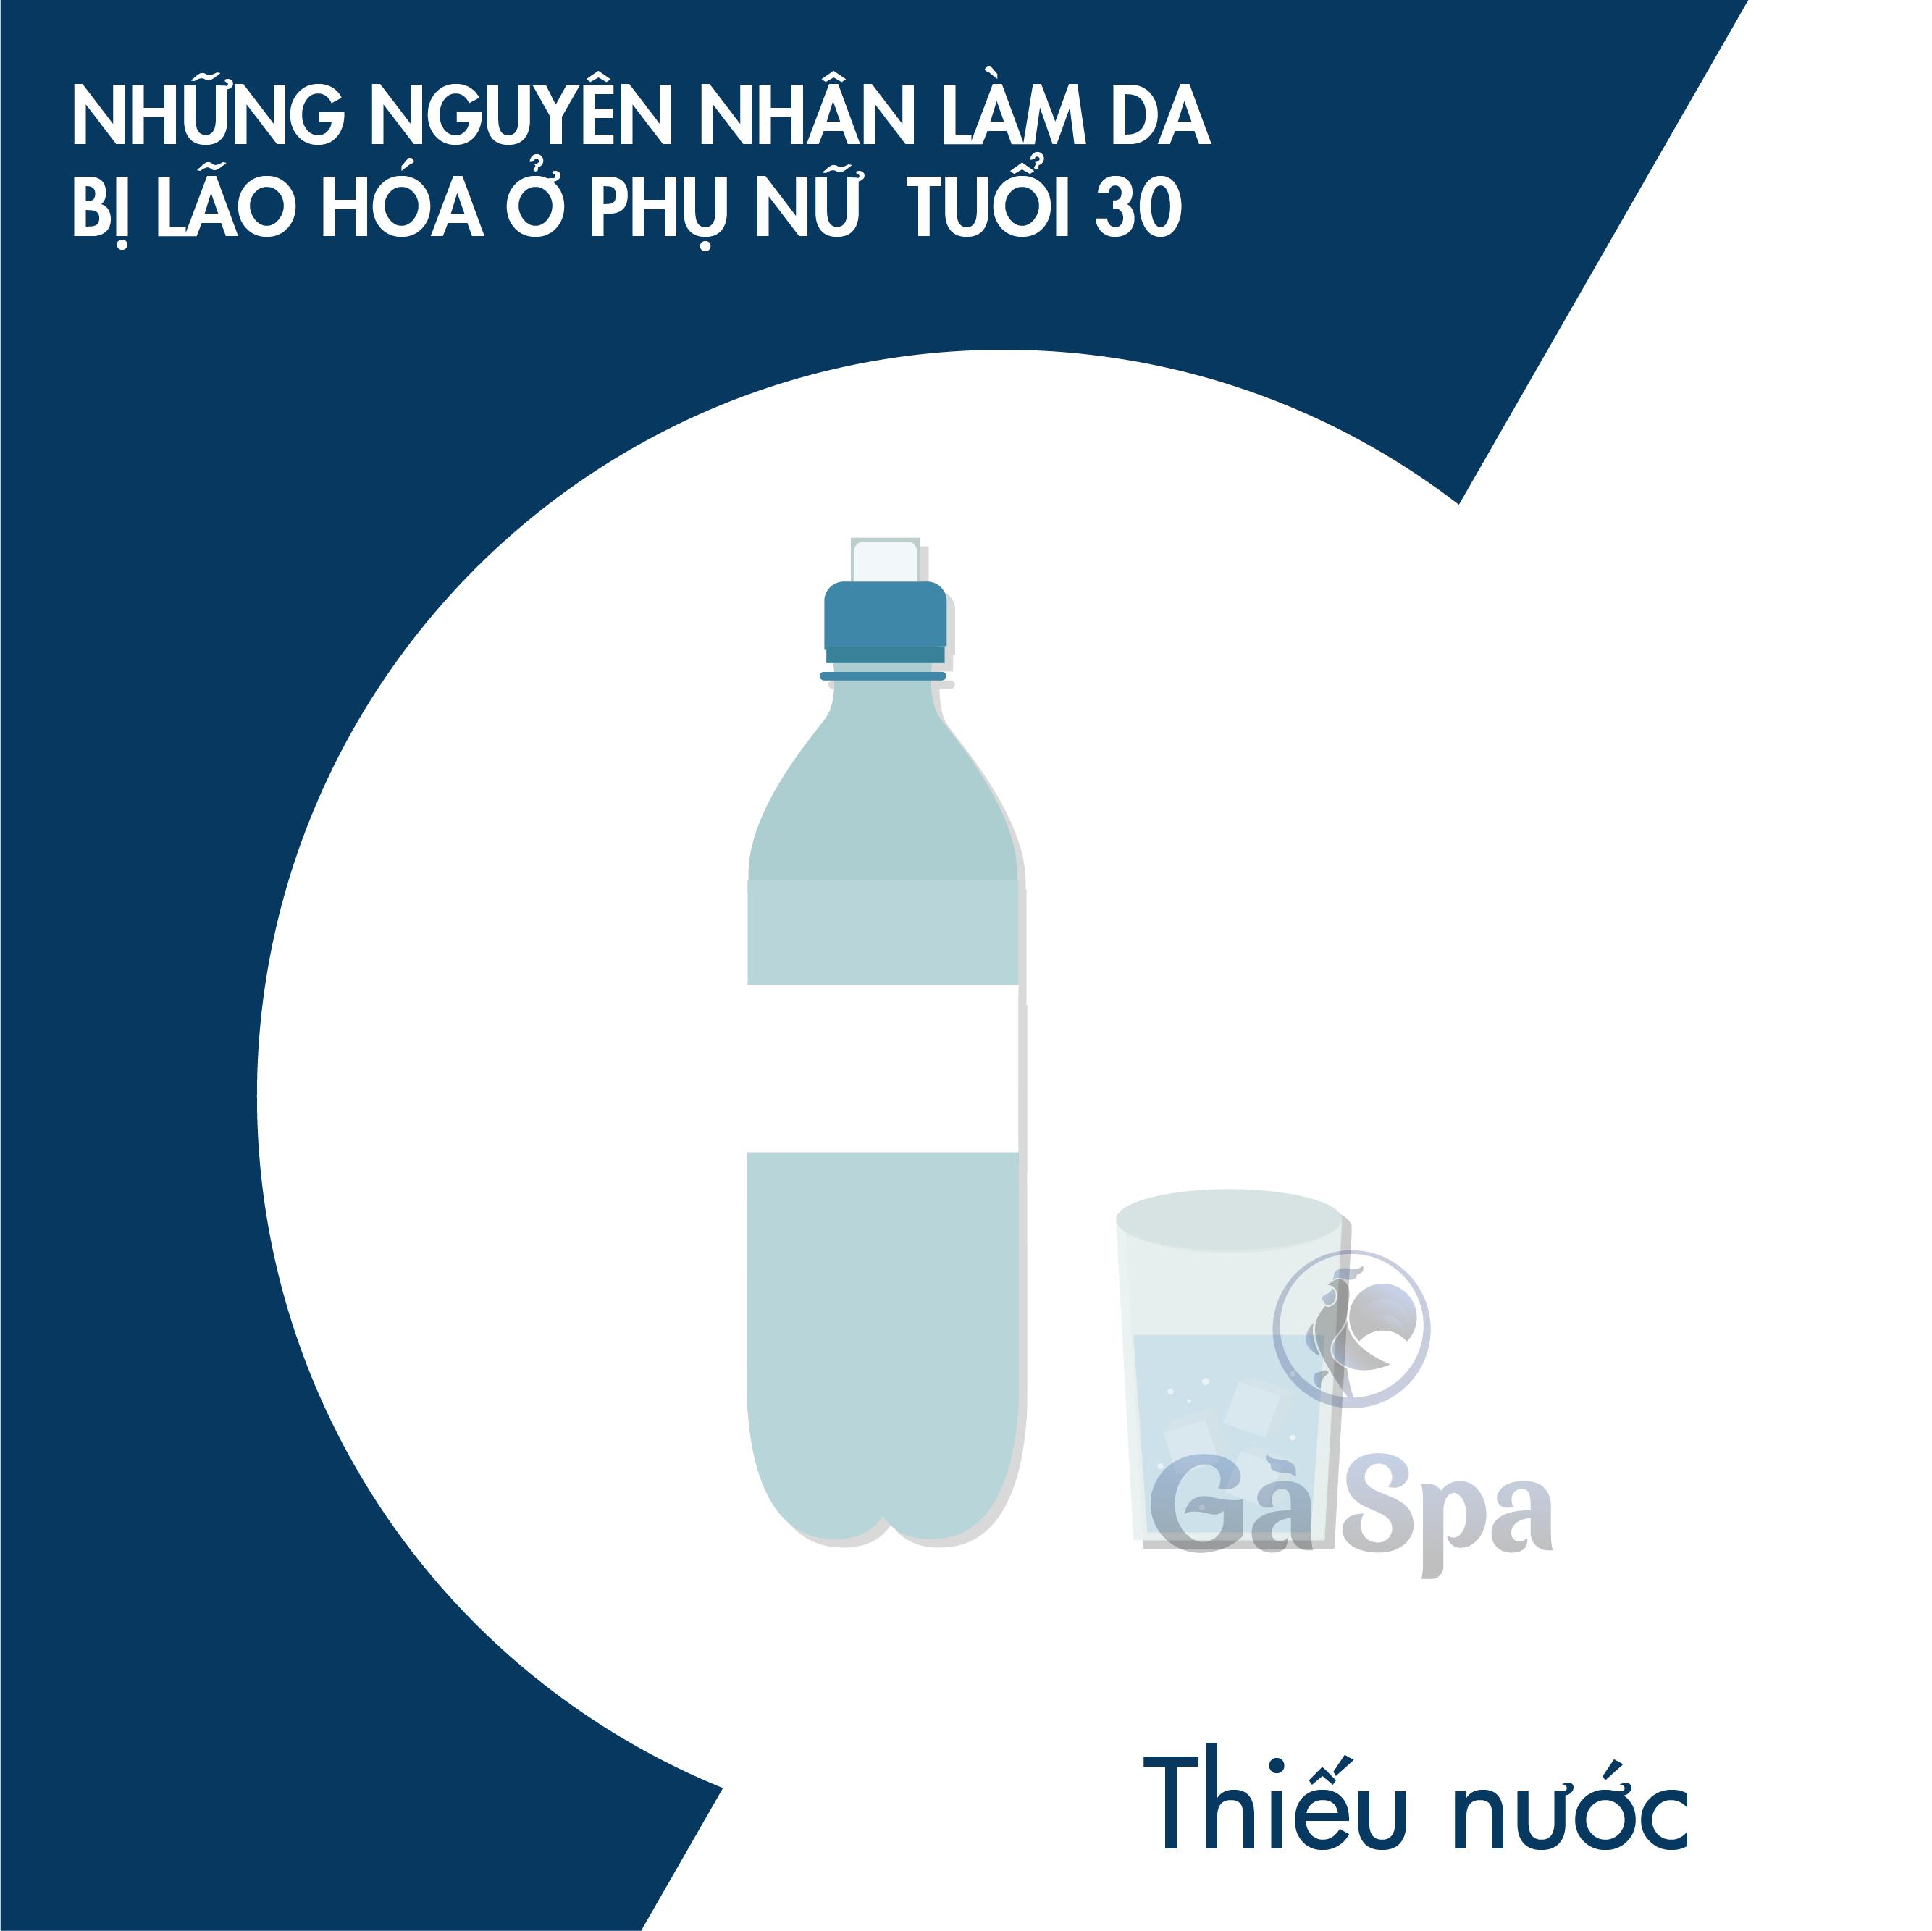 Thiếu nước làm da bị lão hóa tuổi 30